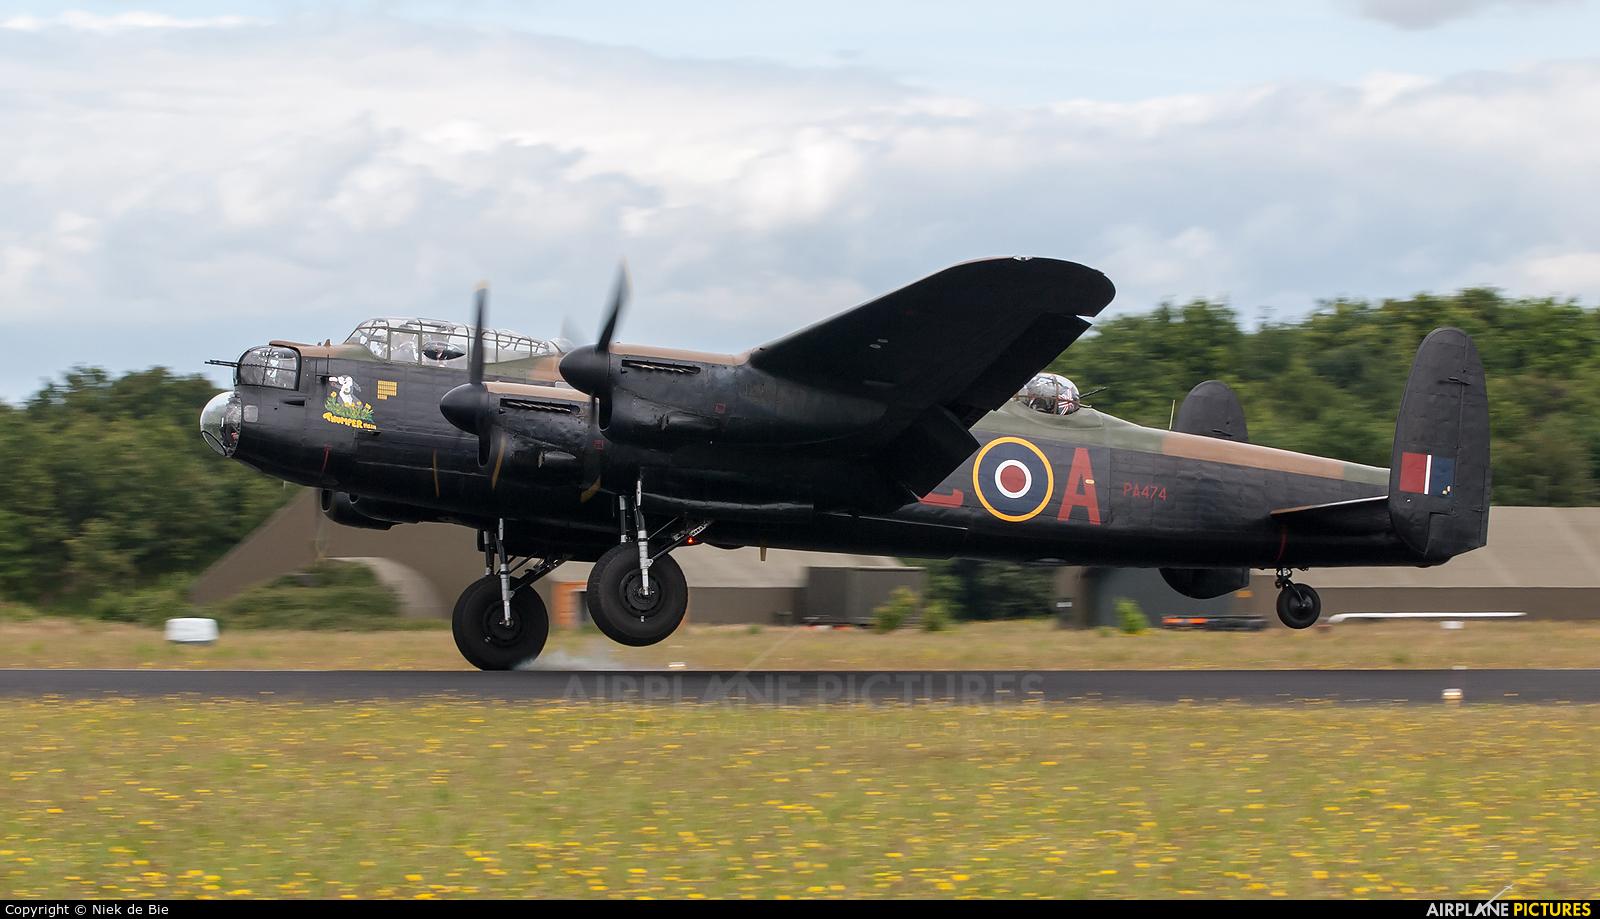 """Royal Air Force """"Battle of Britain Memorial Flight"""" PA474 aircraft at Gilze-Rijen"""